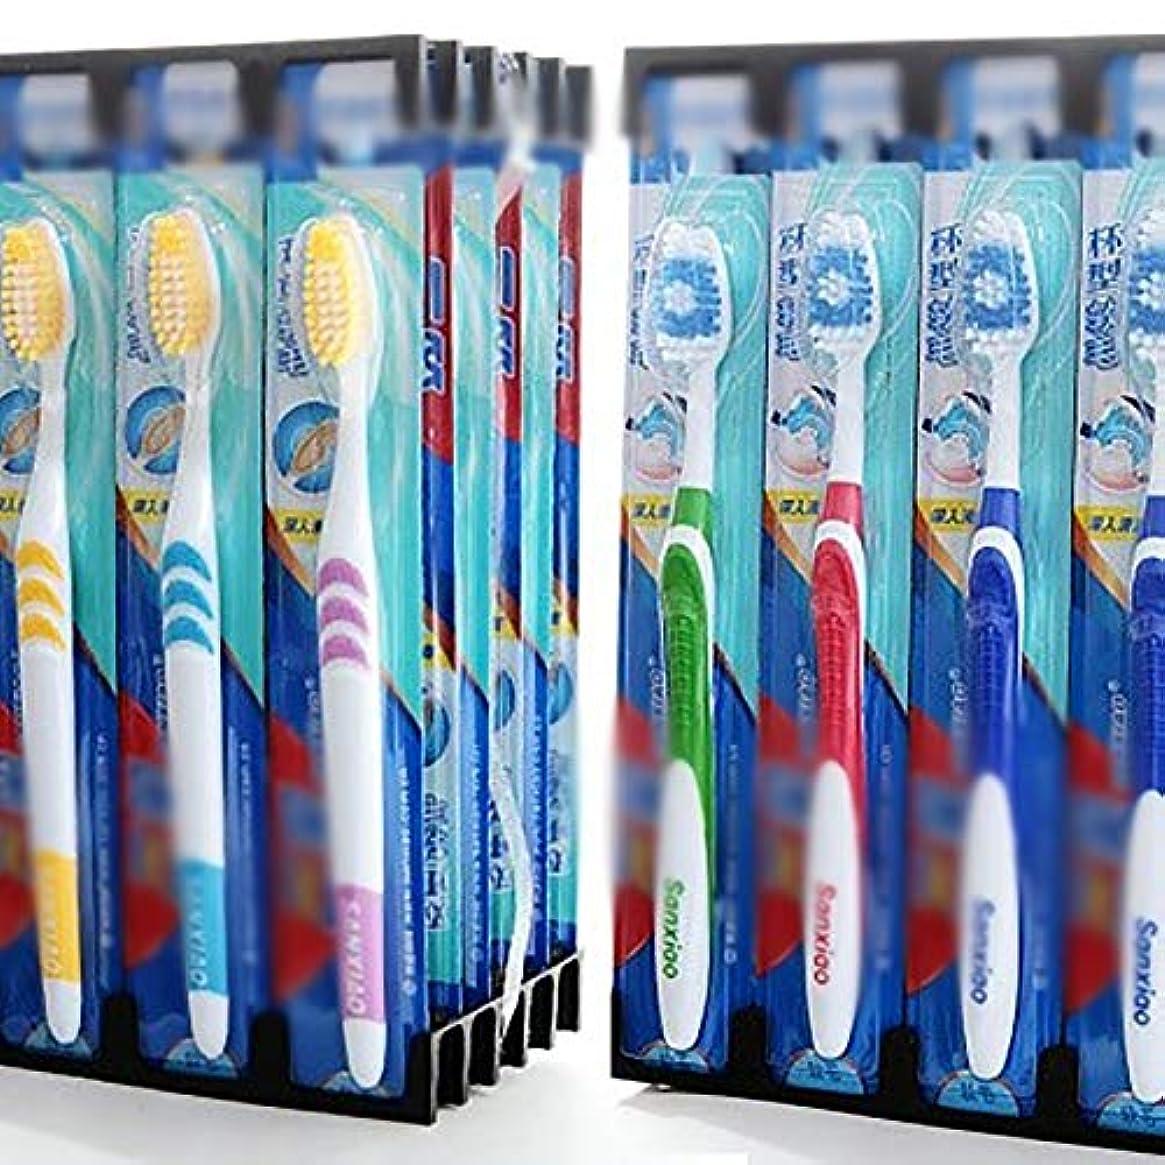 半径したがって冒険家歯ブラシ 30ミックス歯ブラシ、個々の歯ブラシ包まれた、ウルトラソフト歯ブラシ - 使用可能なスタイルの3種類 KHL (色 : C, サイズ : 30 packs)